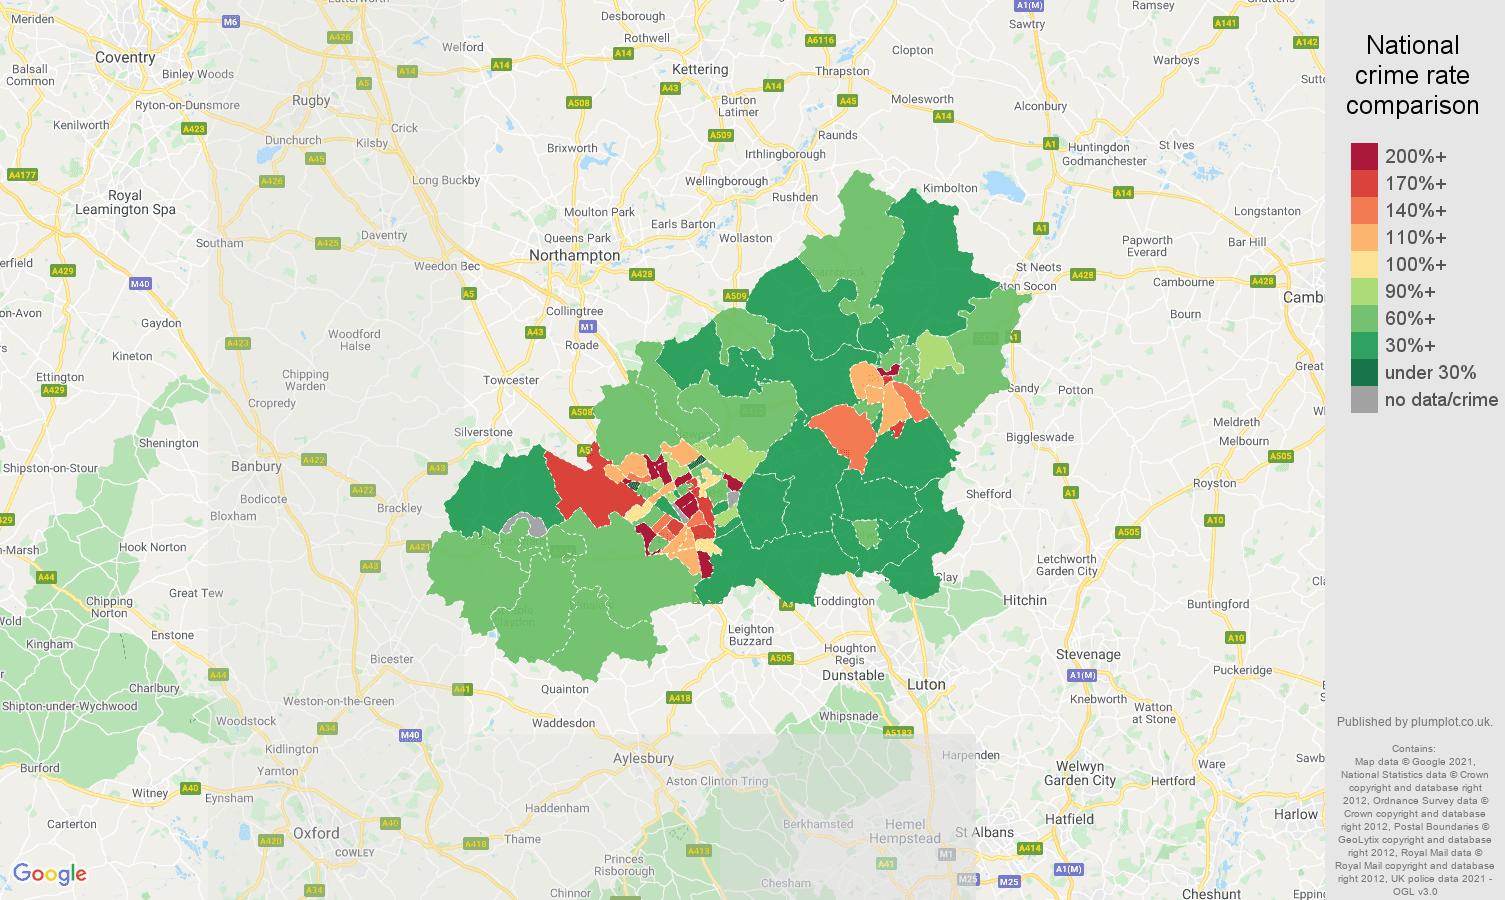 Milton Keynes violent crime rate comparison map